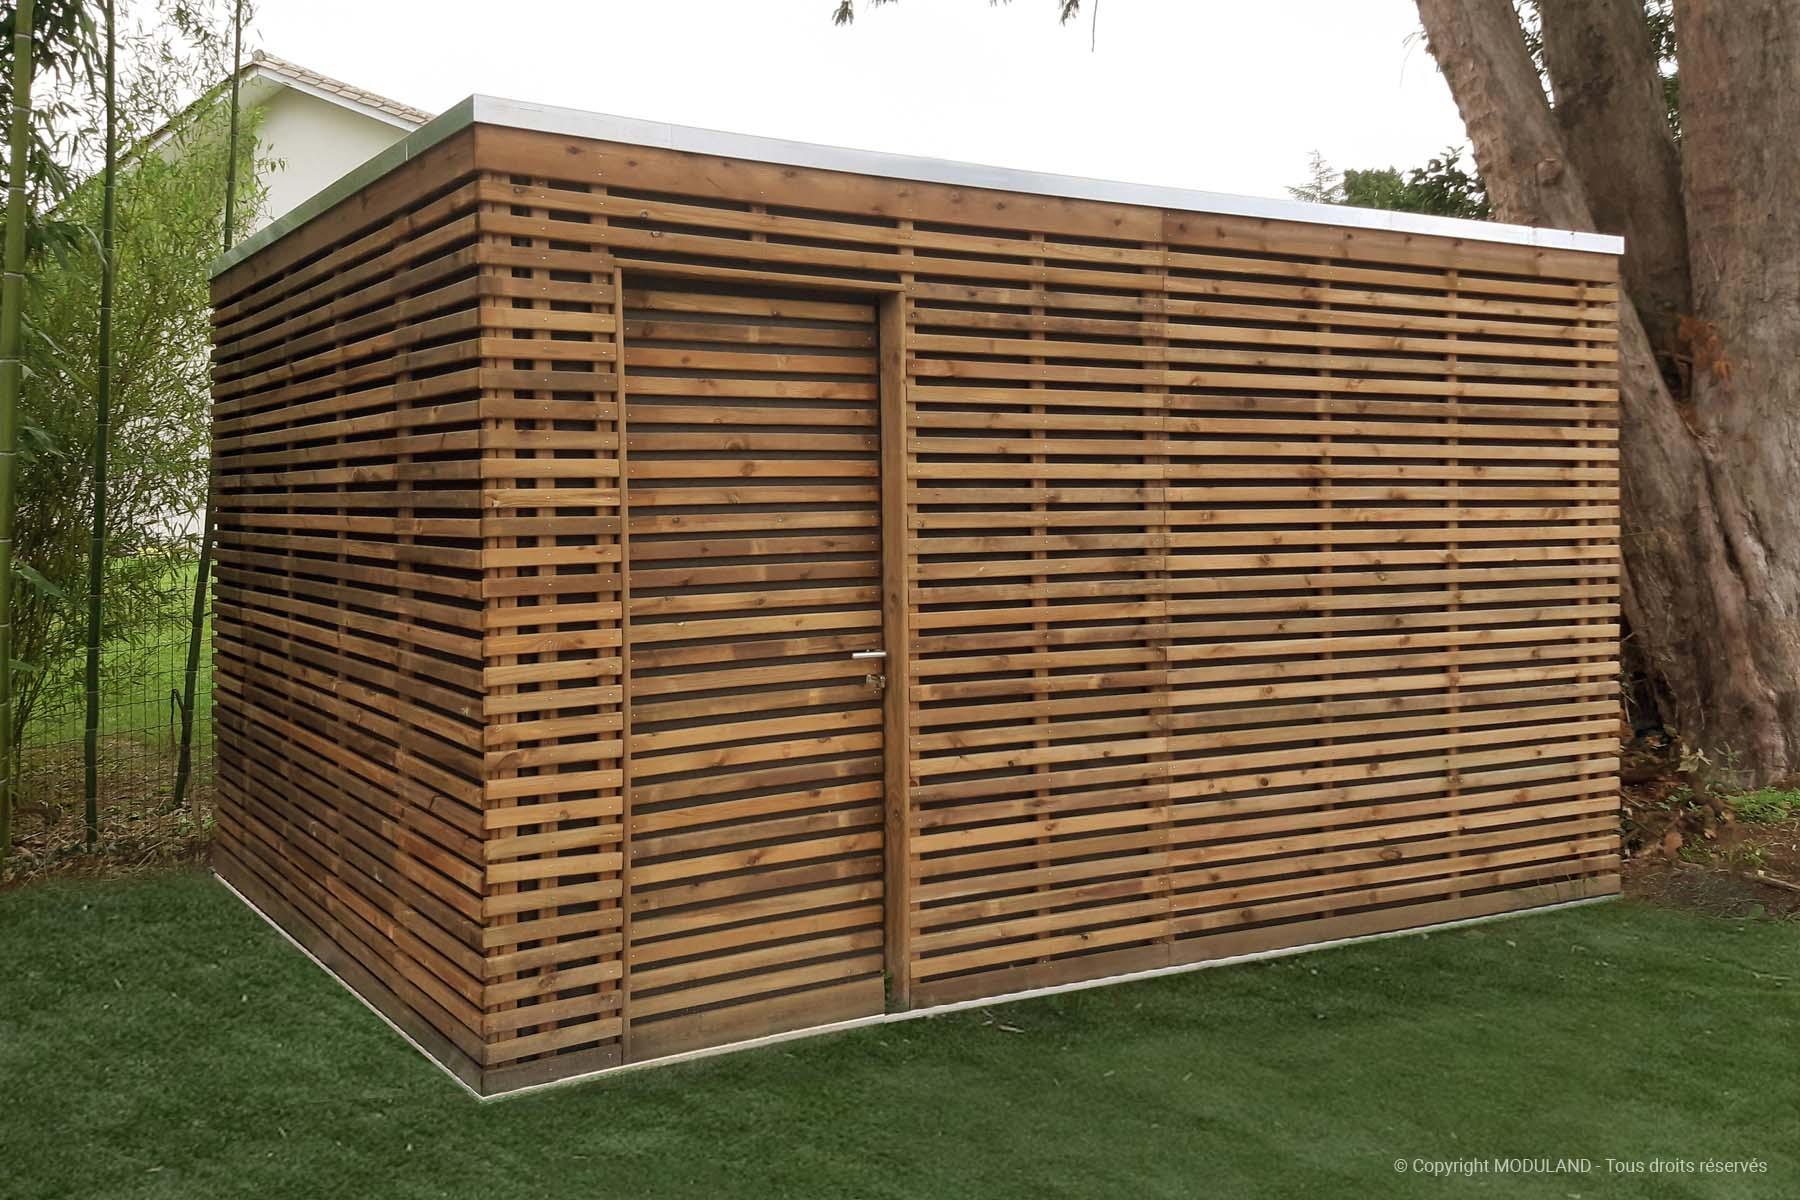 Fabricant D'abris Et Structures Bois Sur Mesure   Moduland concernant Fabricant Abris De Jardin